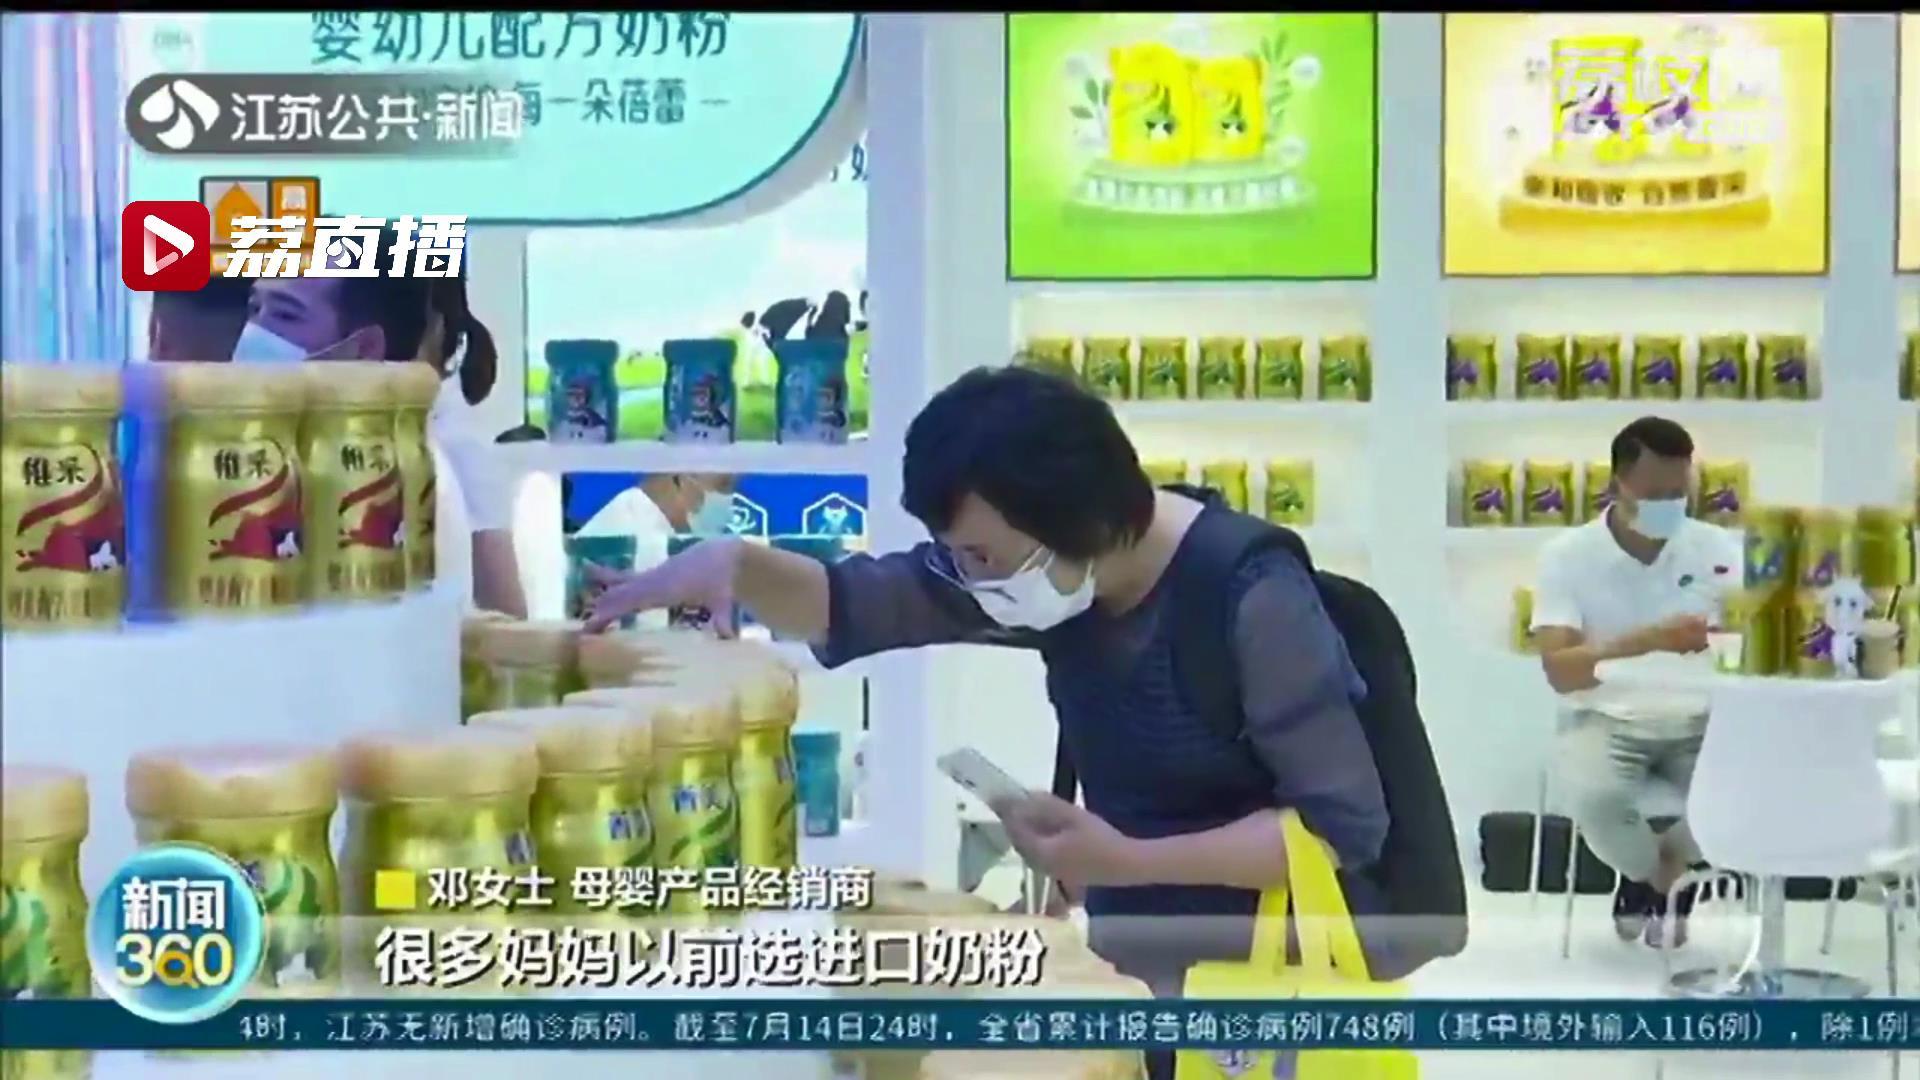 国产奶粉成首选、婴童学习用品设计科学…第21届孕婴童展开幕